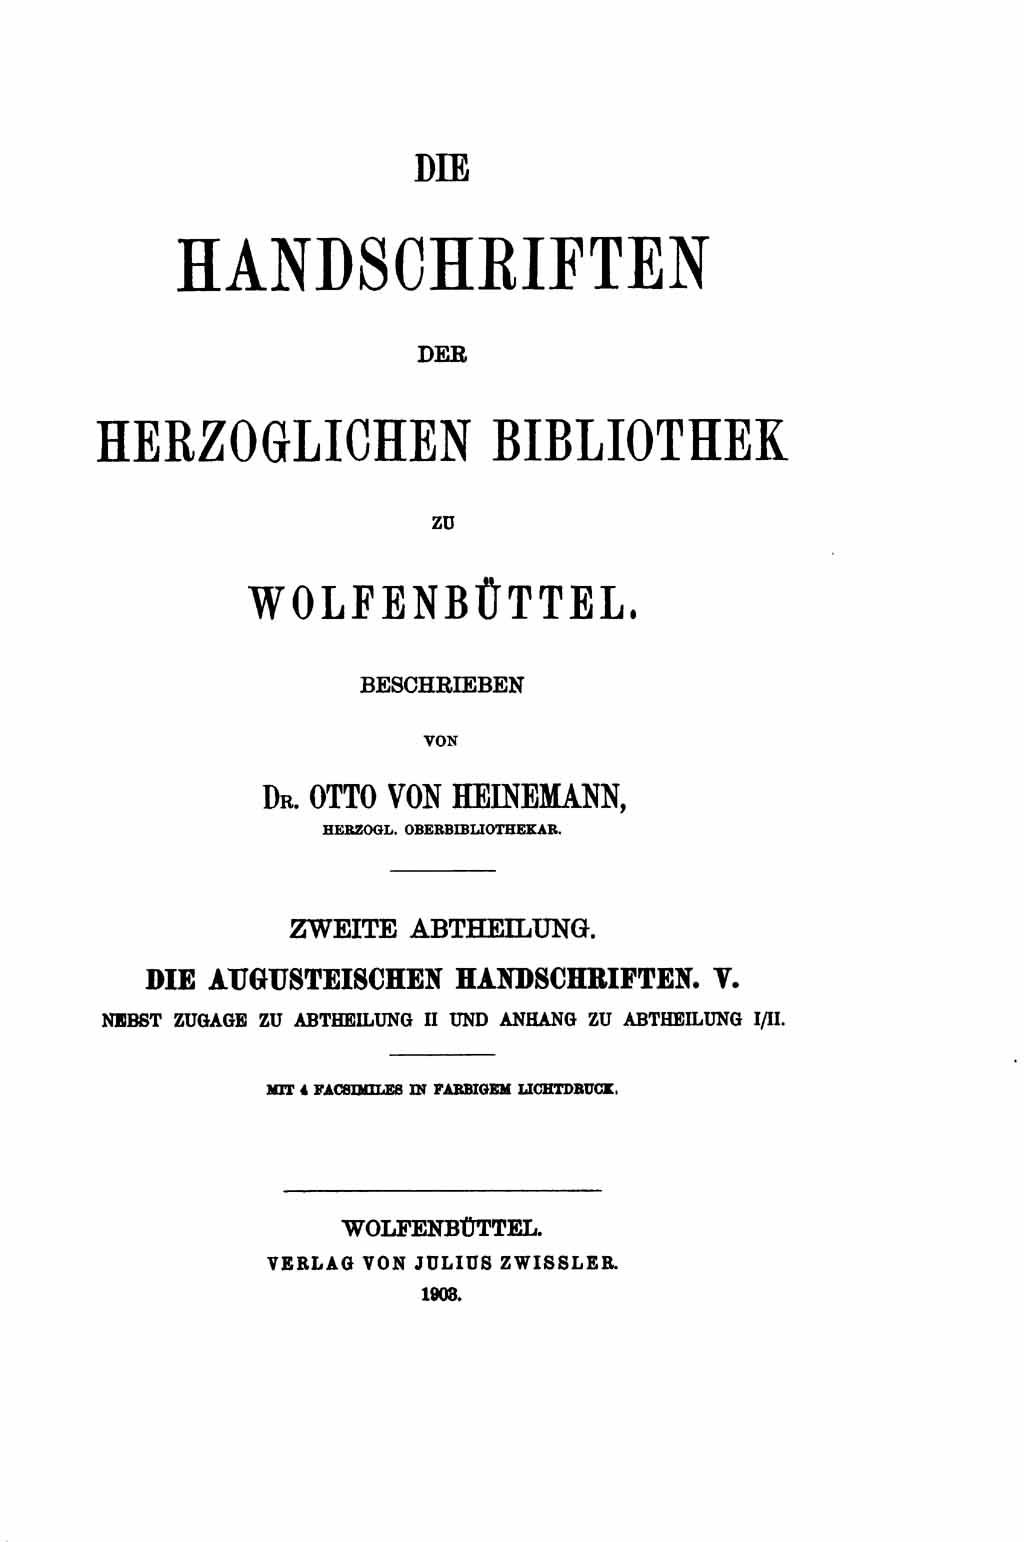 https://diglib.hab.de/drucke/f4f-539-8/00009.jpg